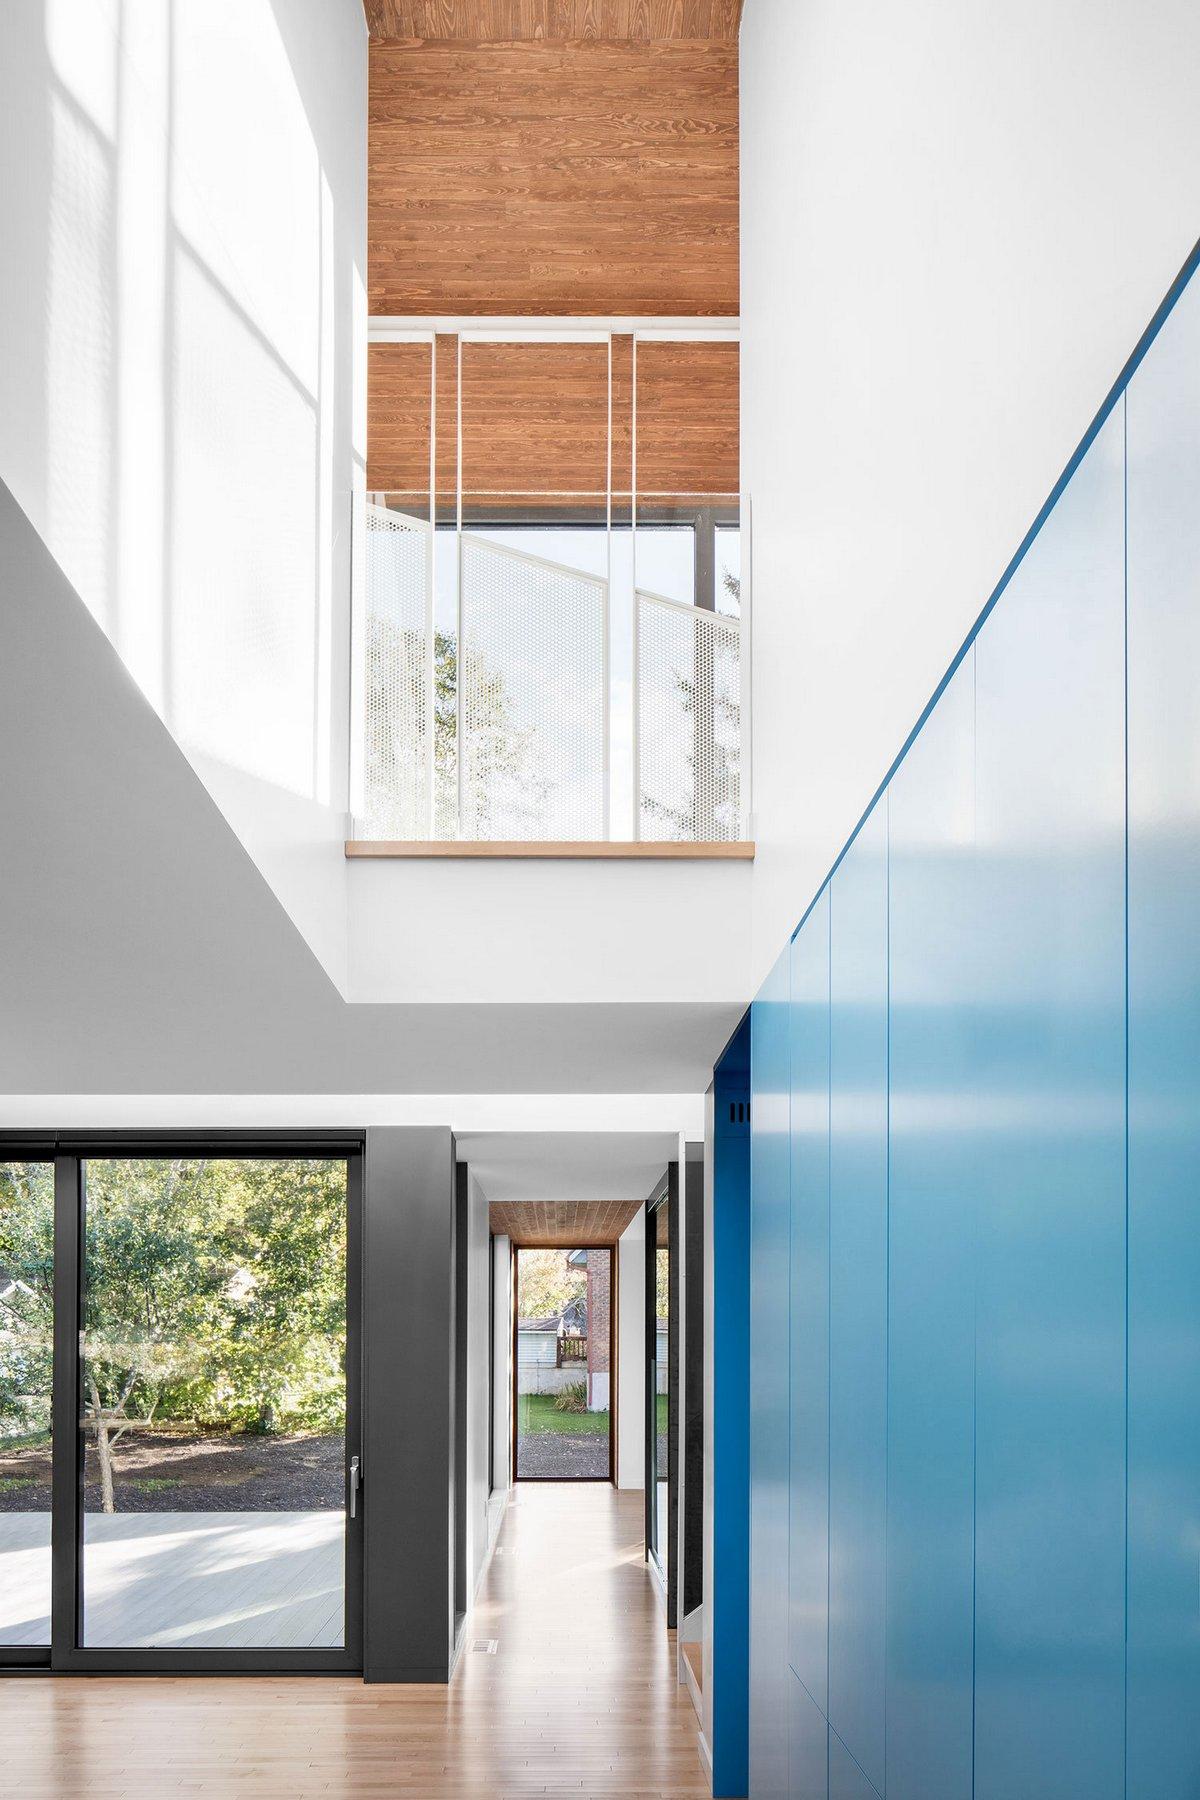 Residence au Bic, NatureHumaine, современные частные дома фото, оформление небольшого частного дома фото, панорамные окна в частном доме